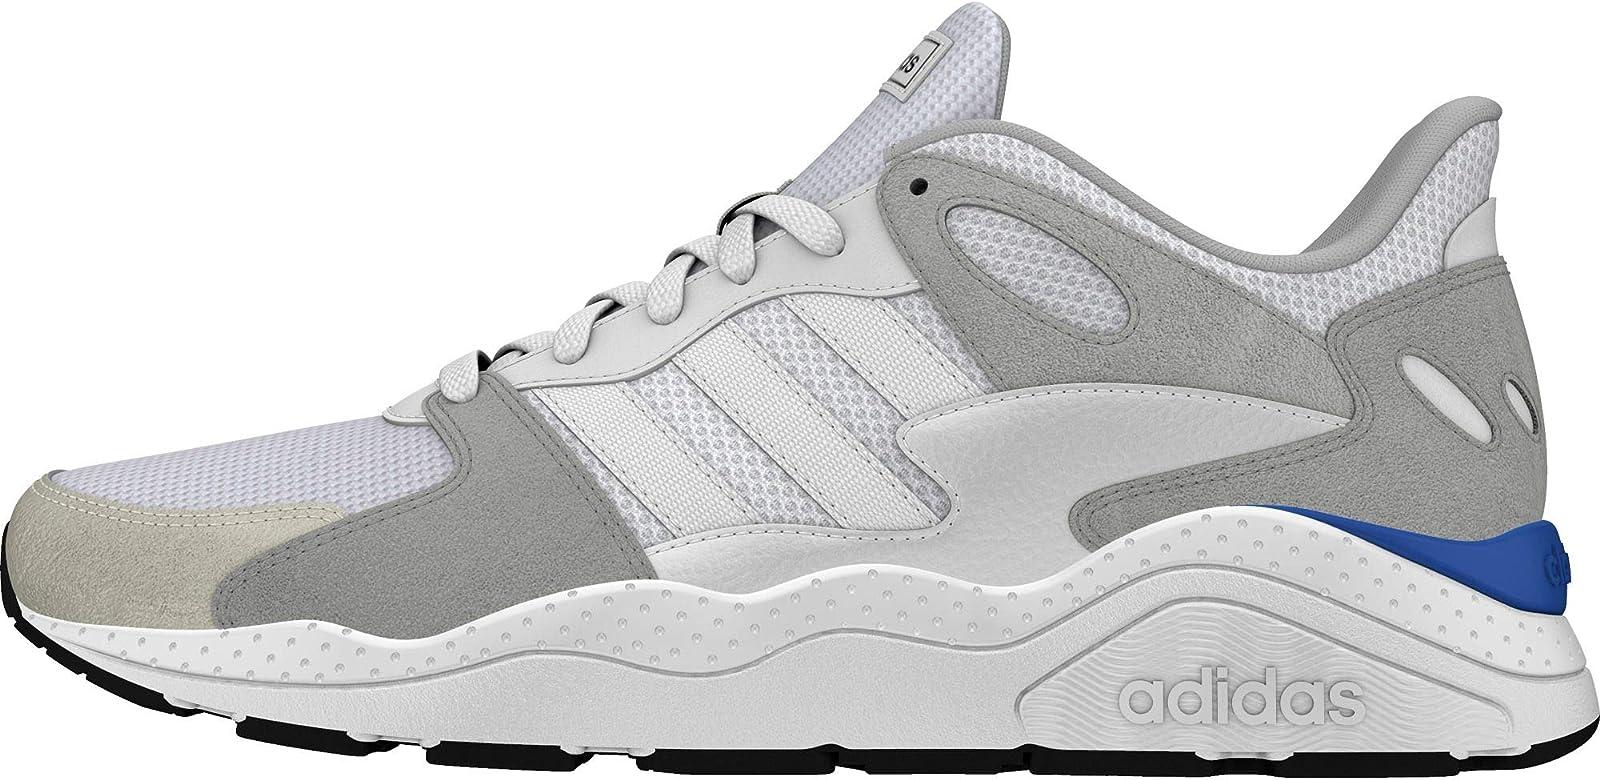 Adidas CRAZYCHAOS, Zapatillas de Trail Running para Hombre, Blanco (Ftwbla/Ftwbla/Gridos 000), 47 1/3 EU: Amazon.es: Zapatos y complementos